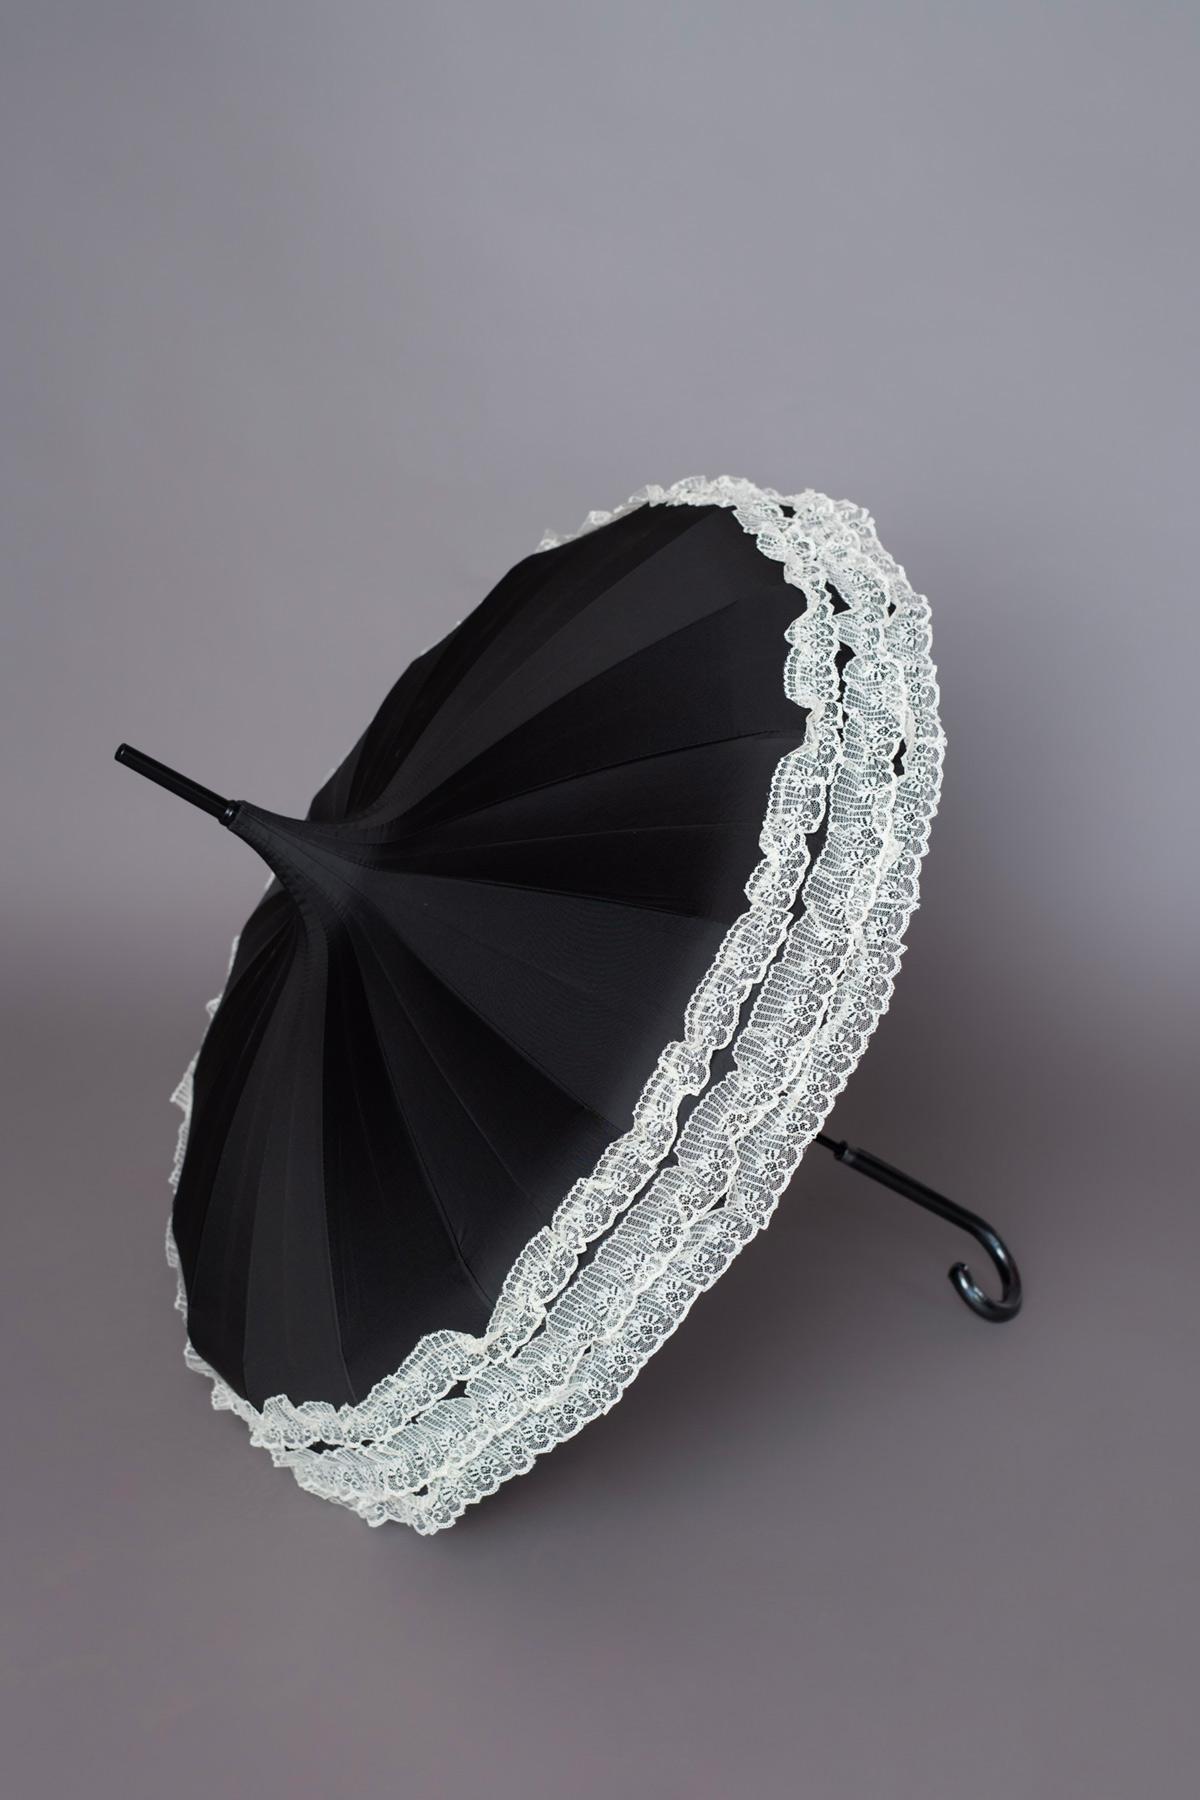 μαύρη ομπρέλα παγόδα με δαντέλα στο τελείωμα